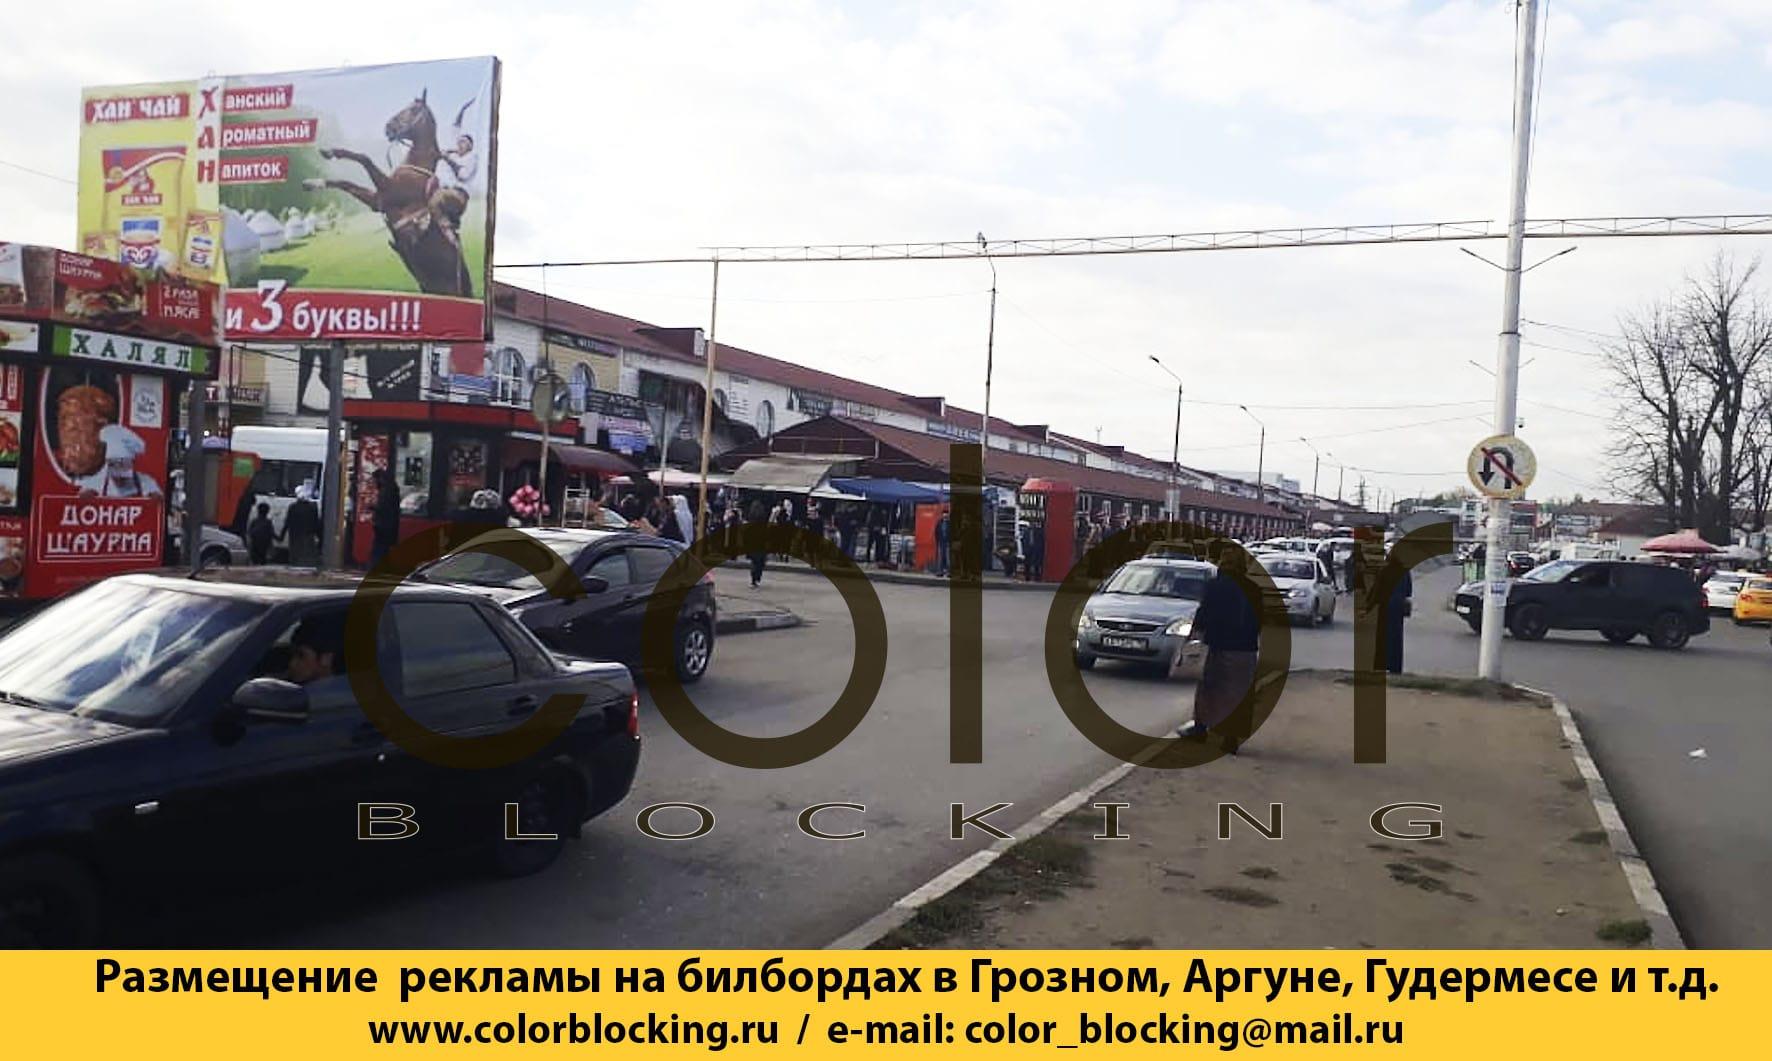 Реклама на билбордах в Грозном рынок